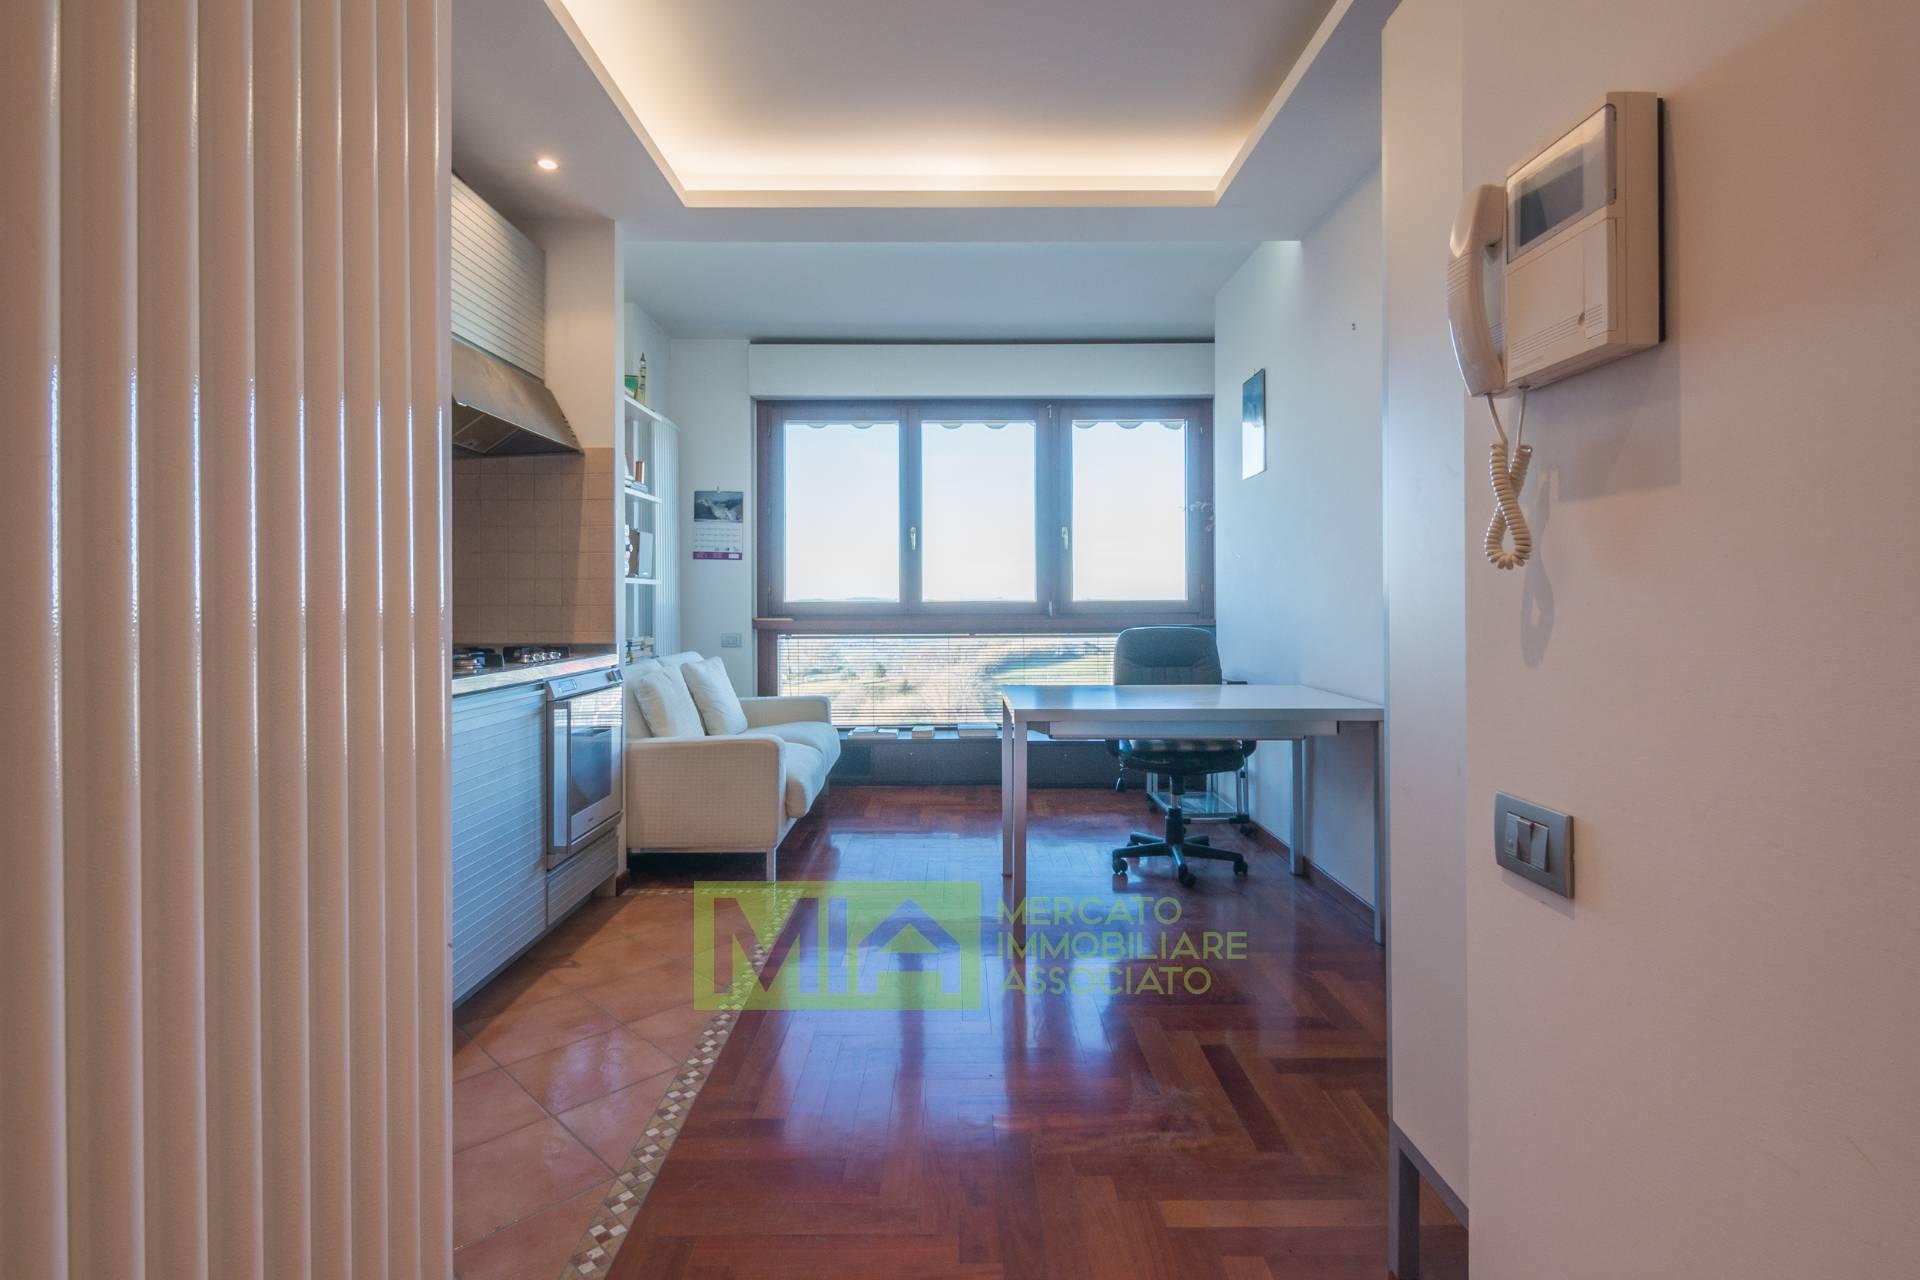 Appartamento in vendita a Macerata, 2 locali, zona Località: VIAPANFILO, prezzo € 105.000 | PortaleAgenzieImmobiliari.it